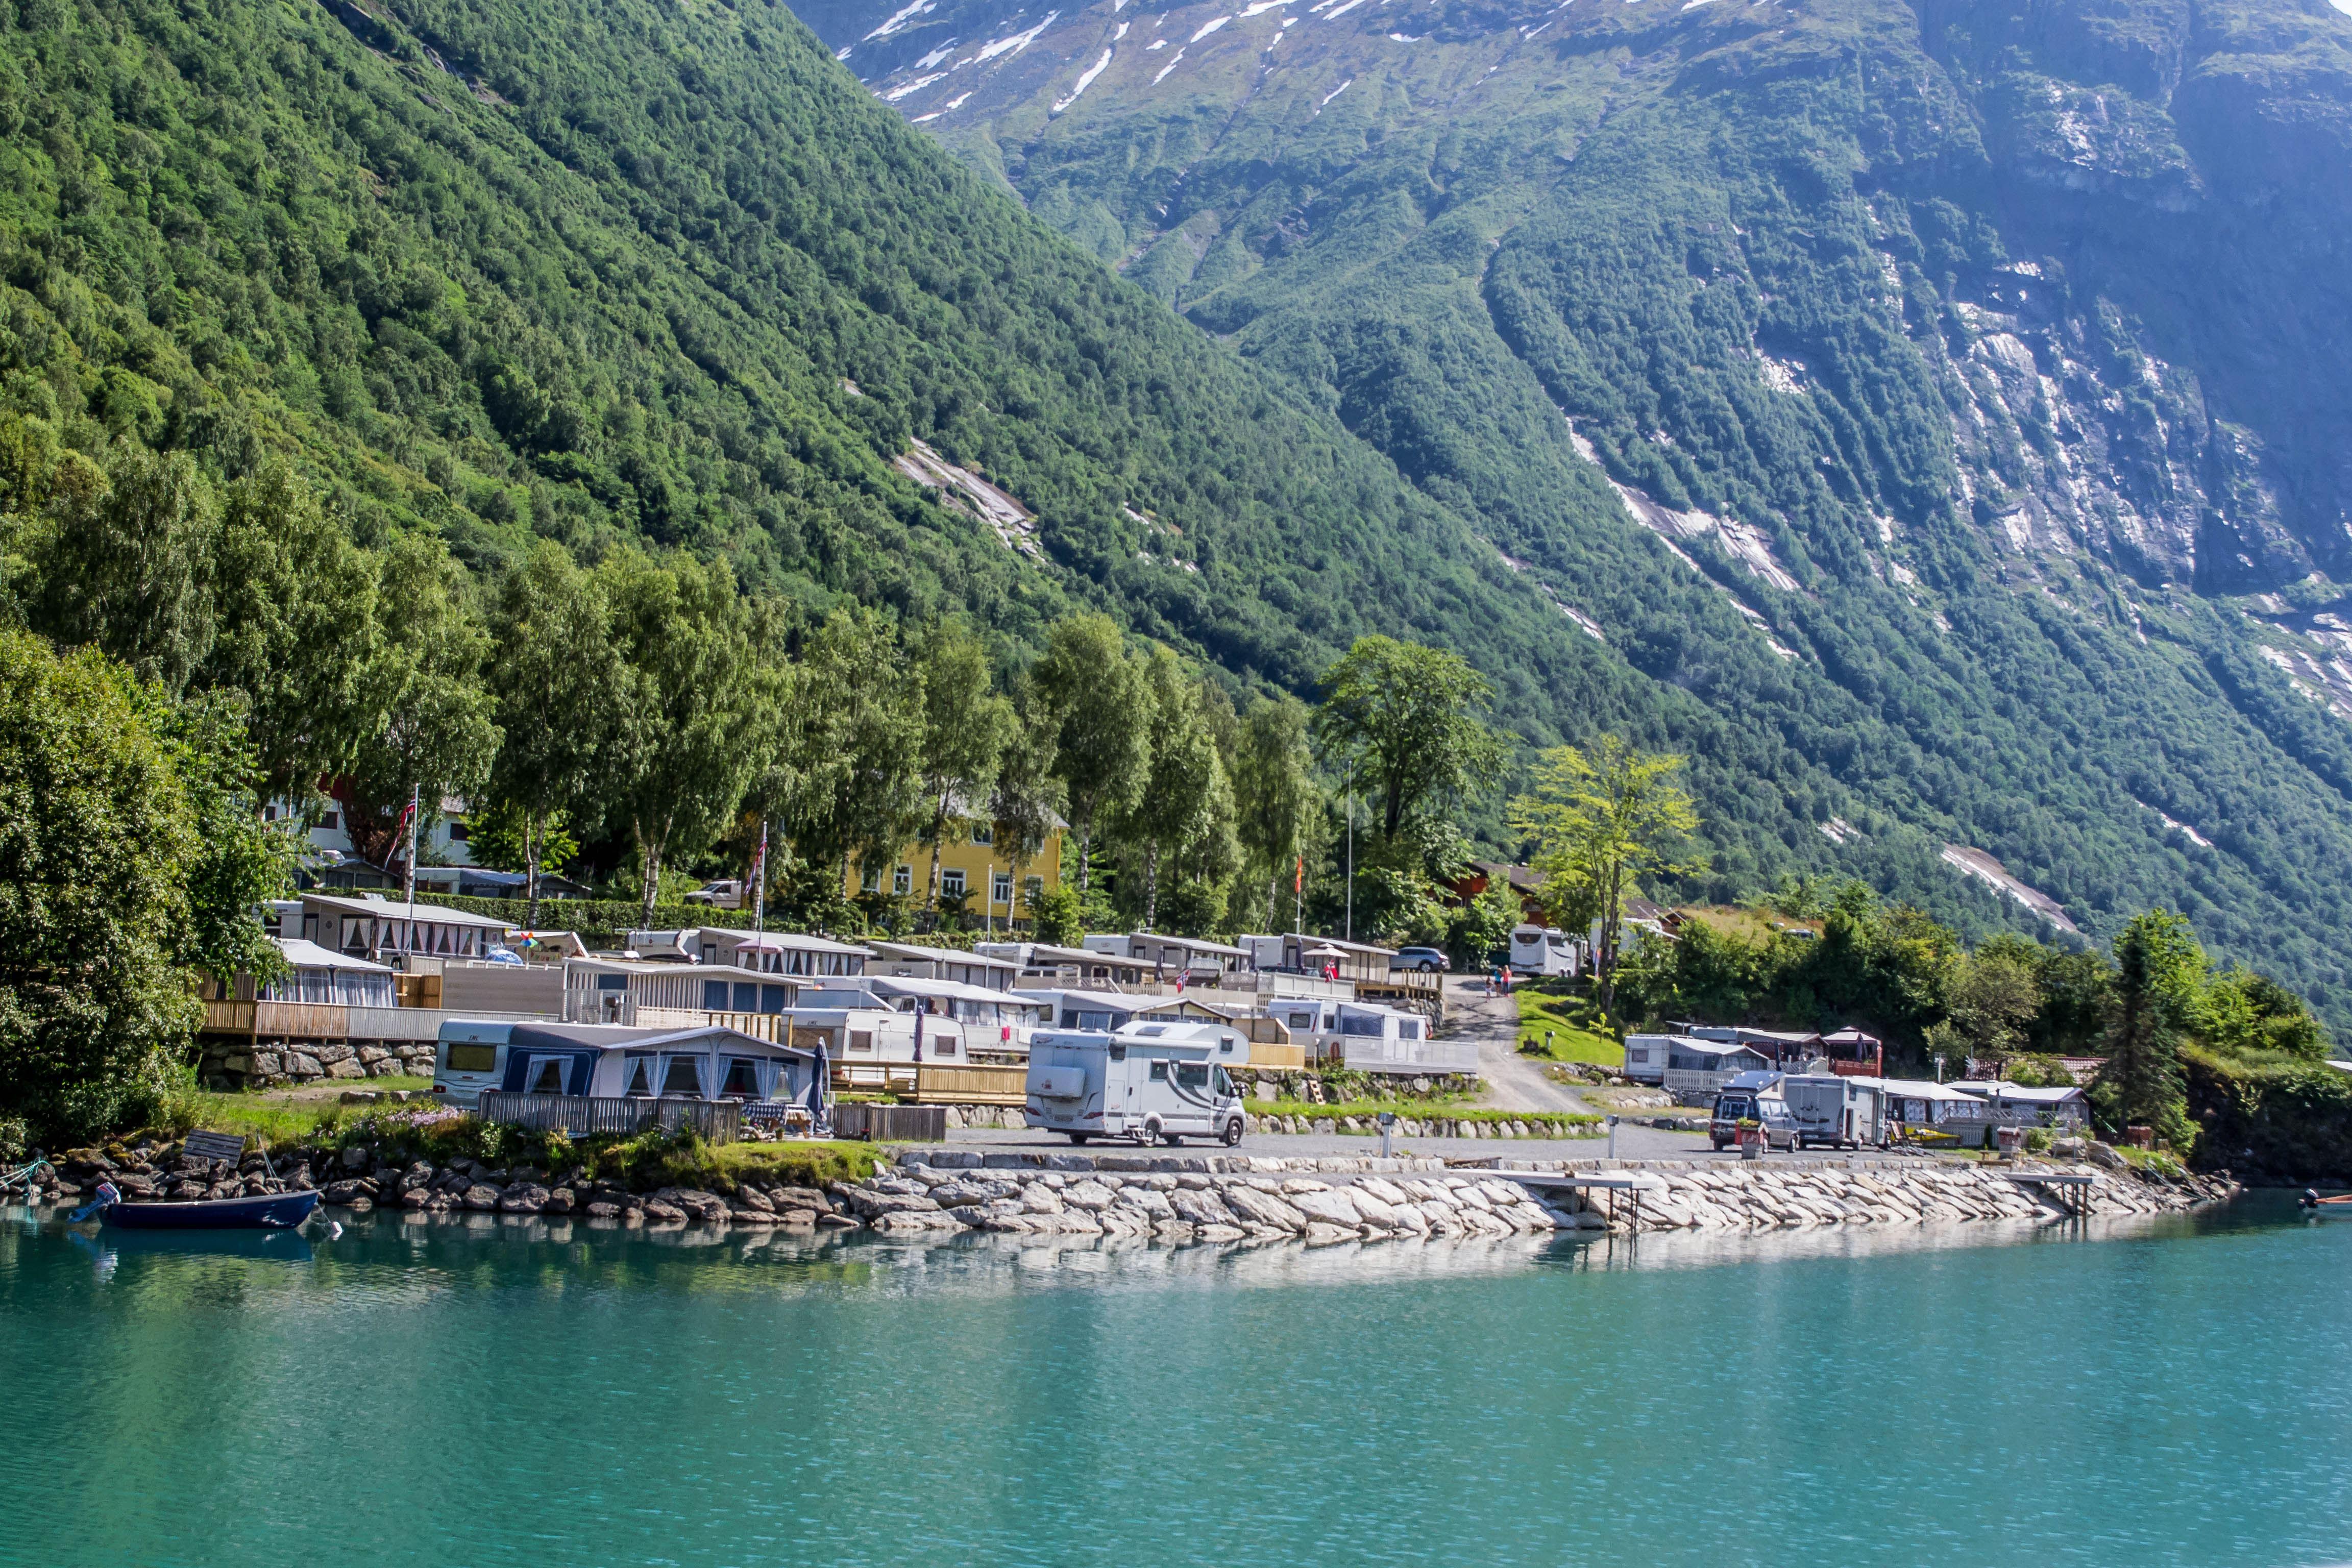 Sande Camping, Hytter, Loen